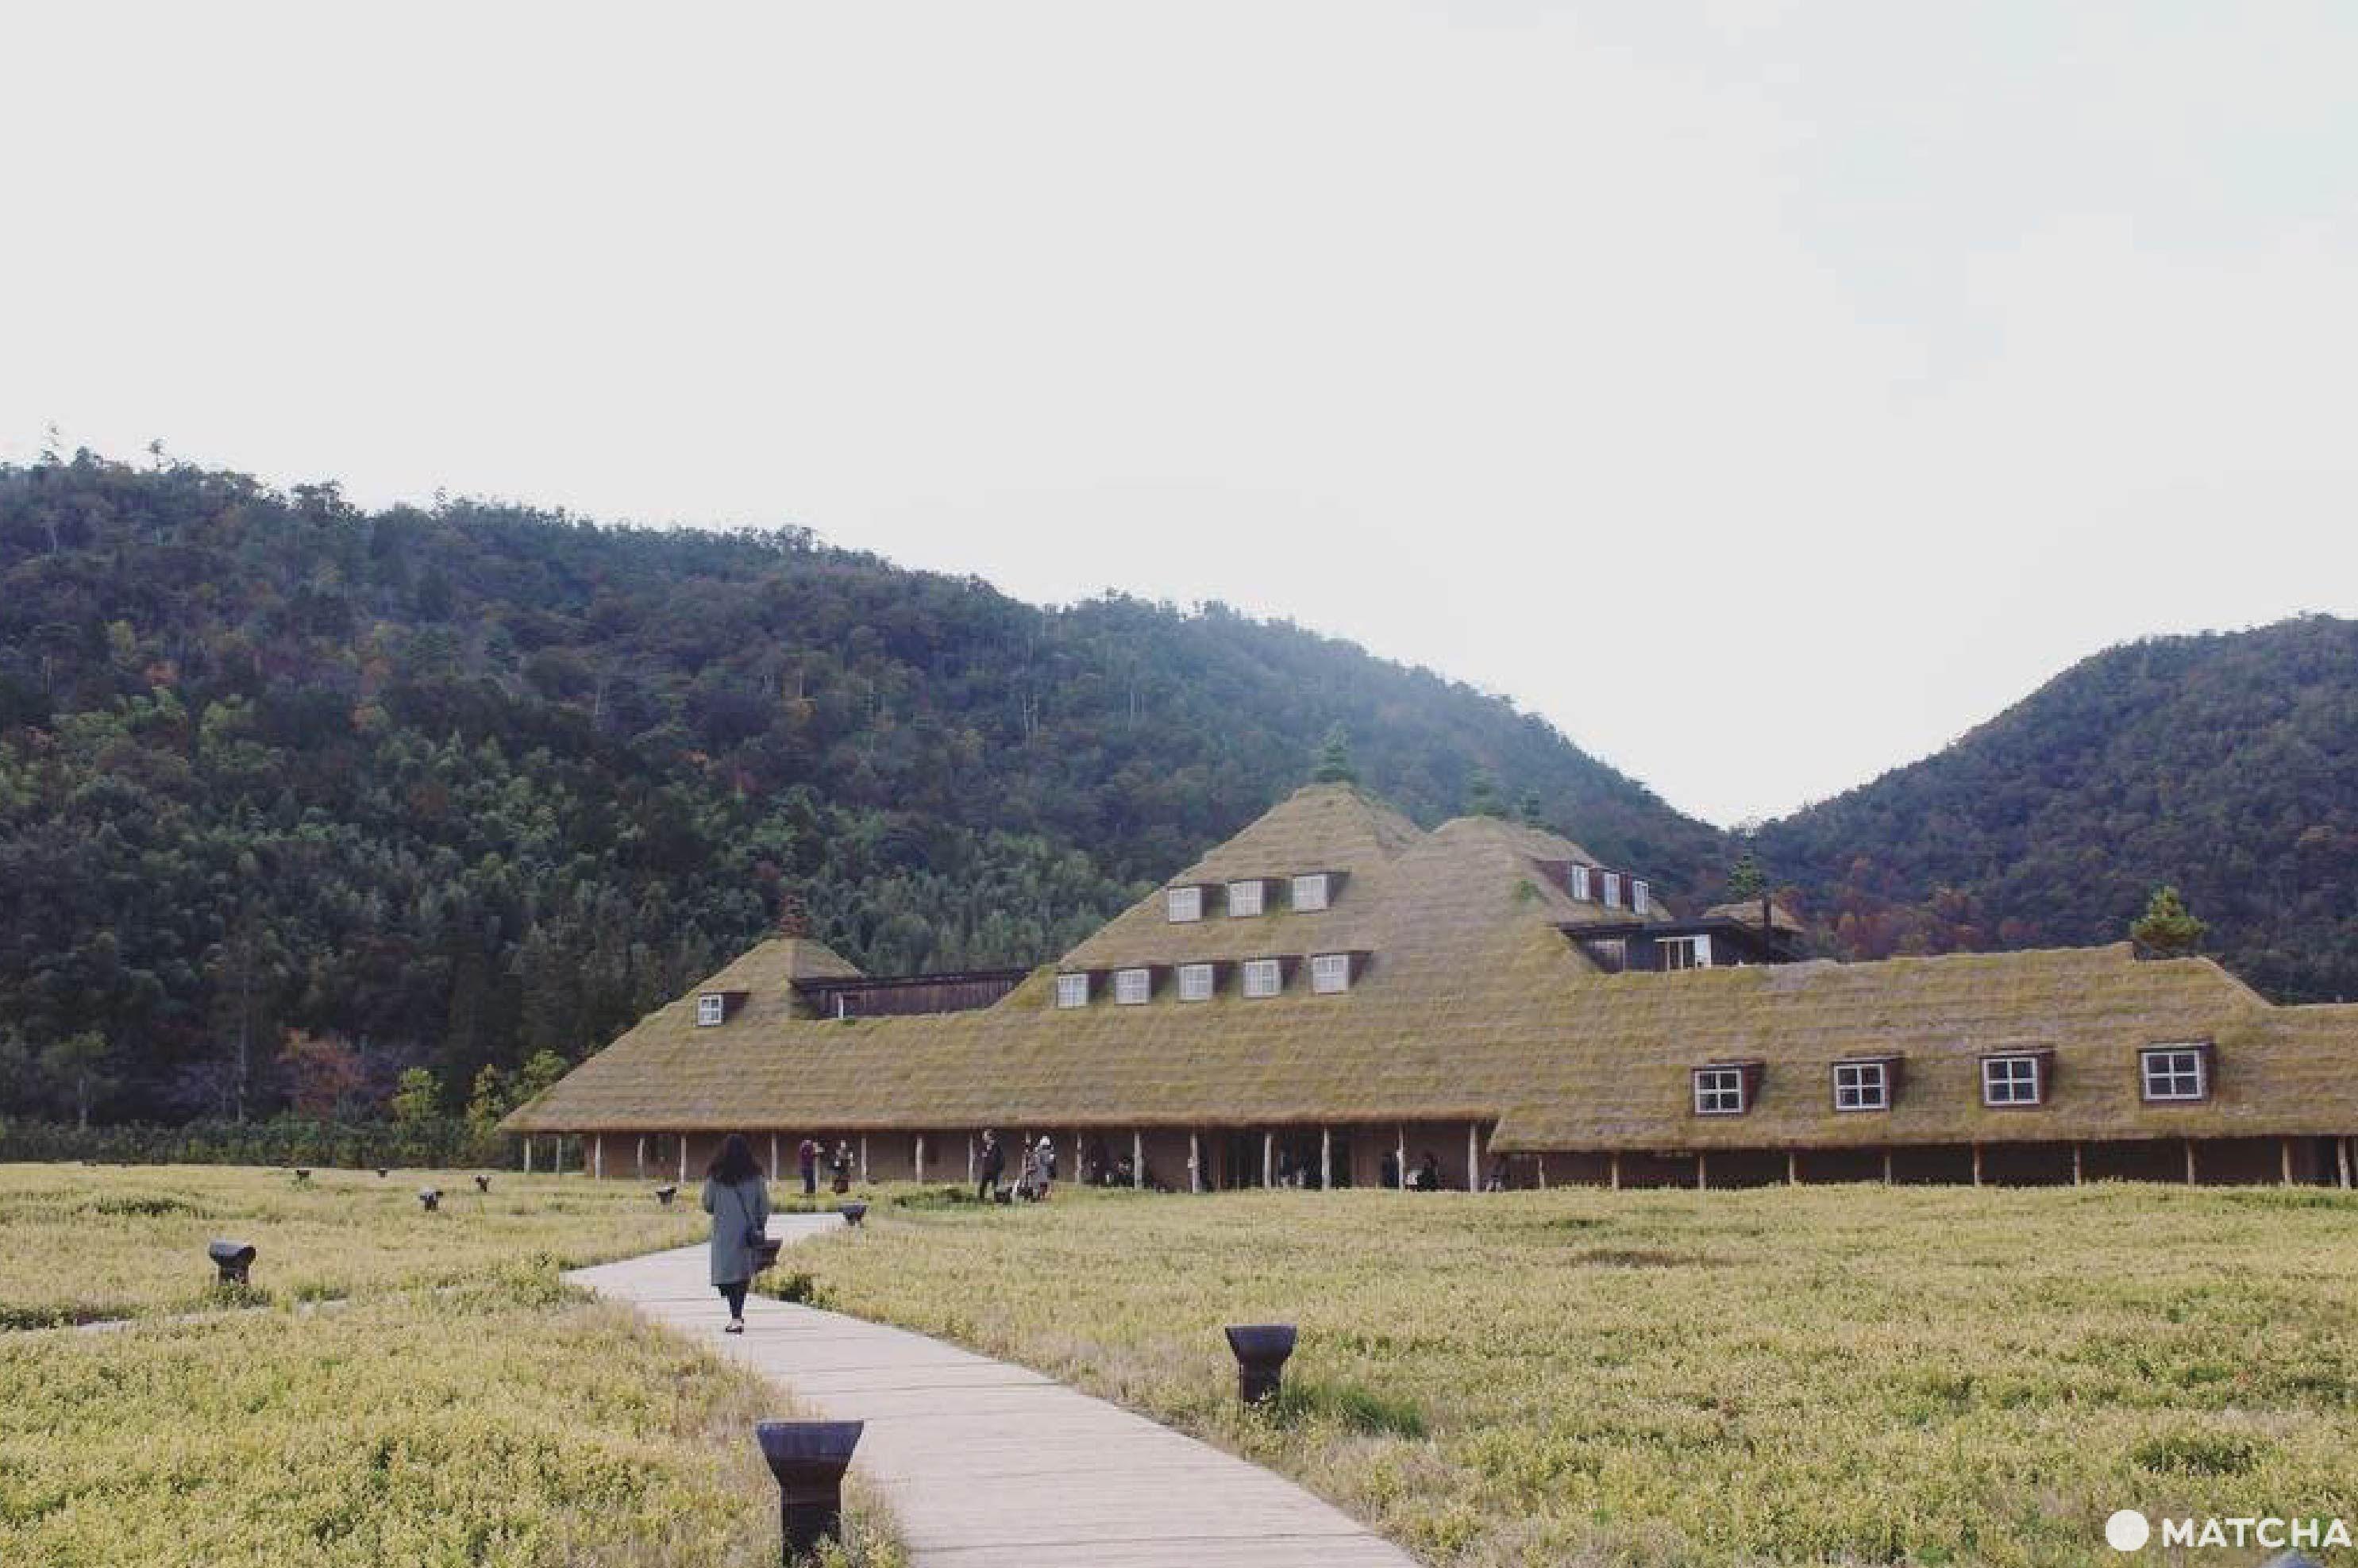 Le Collina 近江八幡